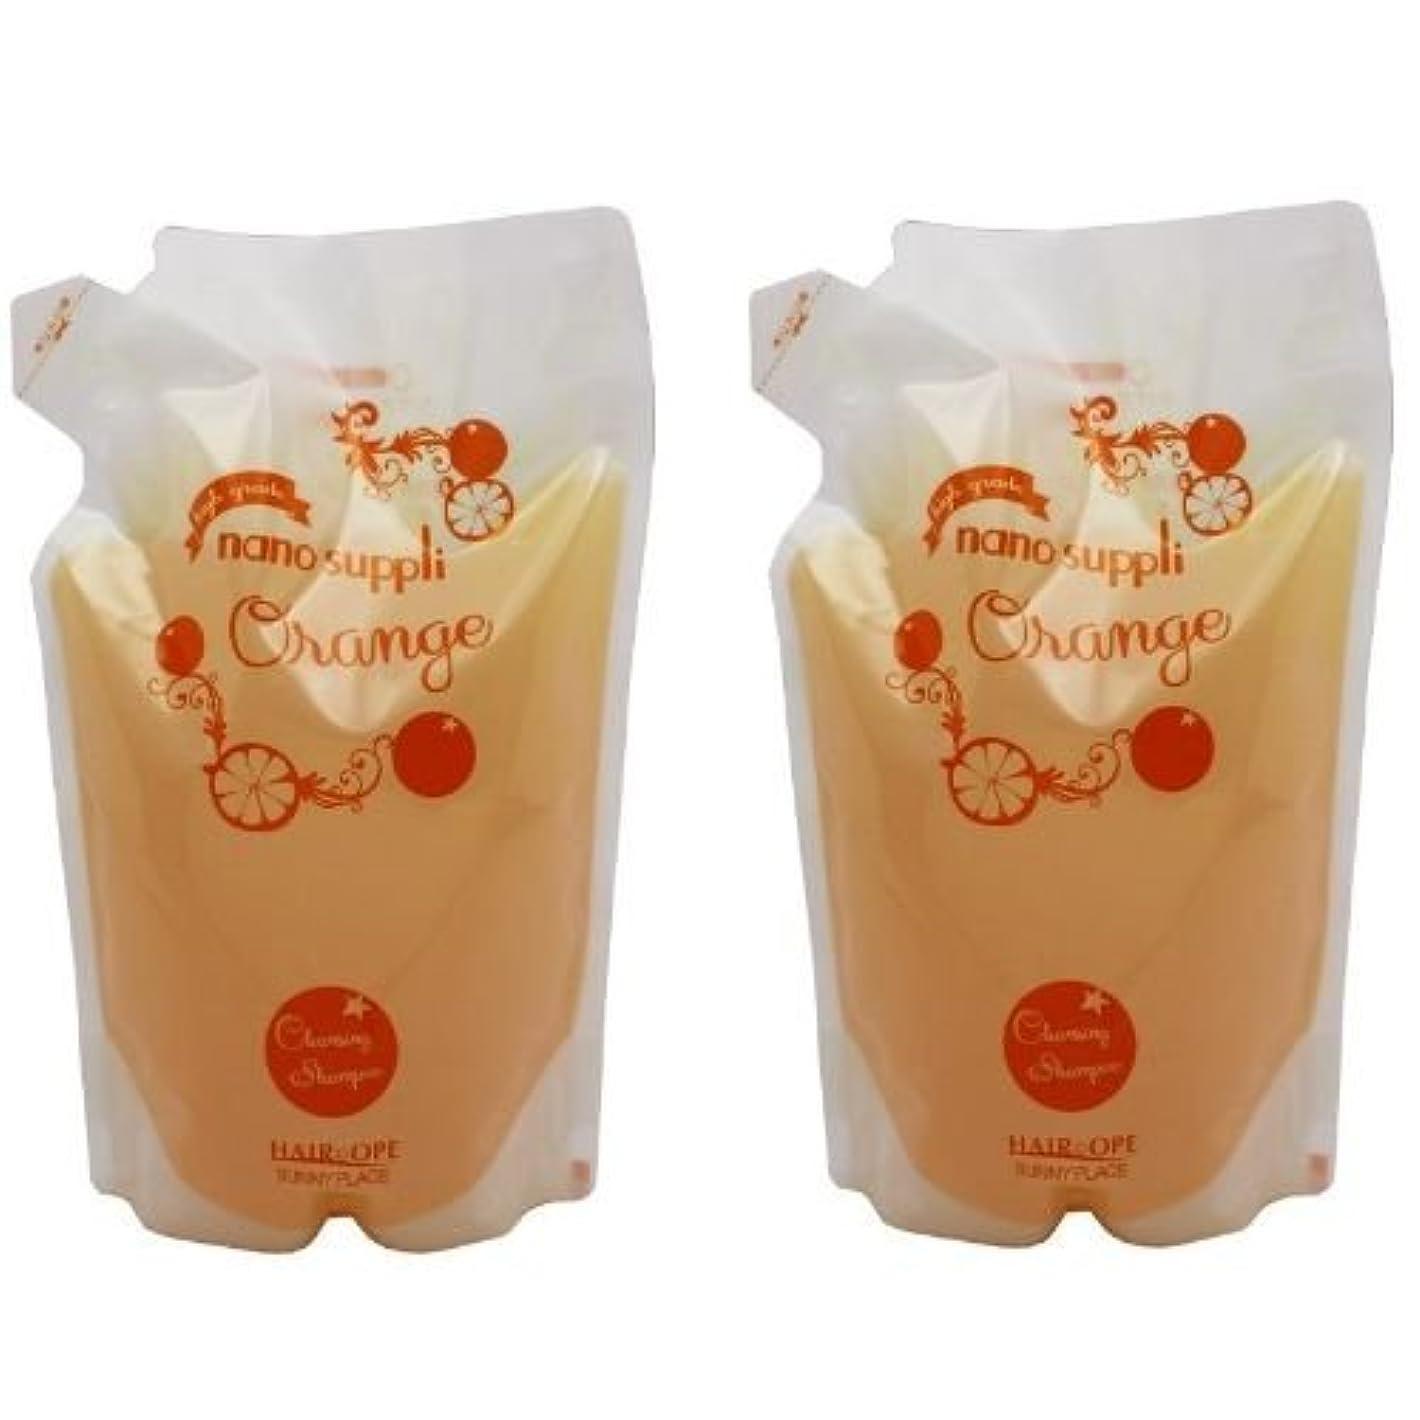 快い昼食しないでください【X2個セット】 サニープレイス ナノサプリ クレンジングシャンプー オレンジ 800ml 詰替え用